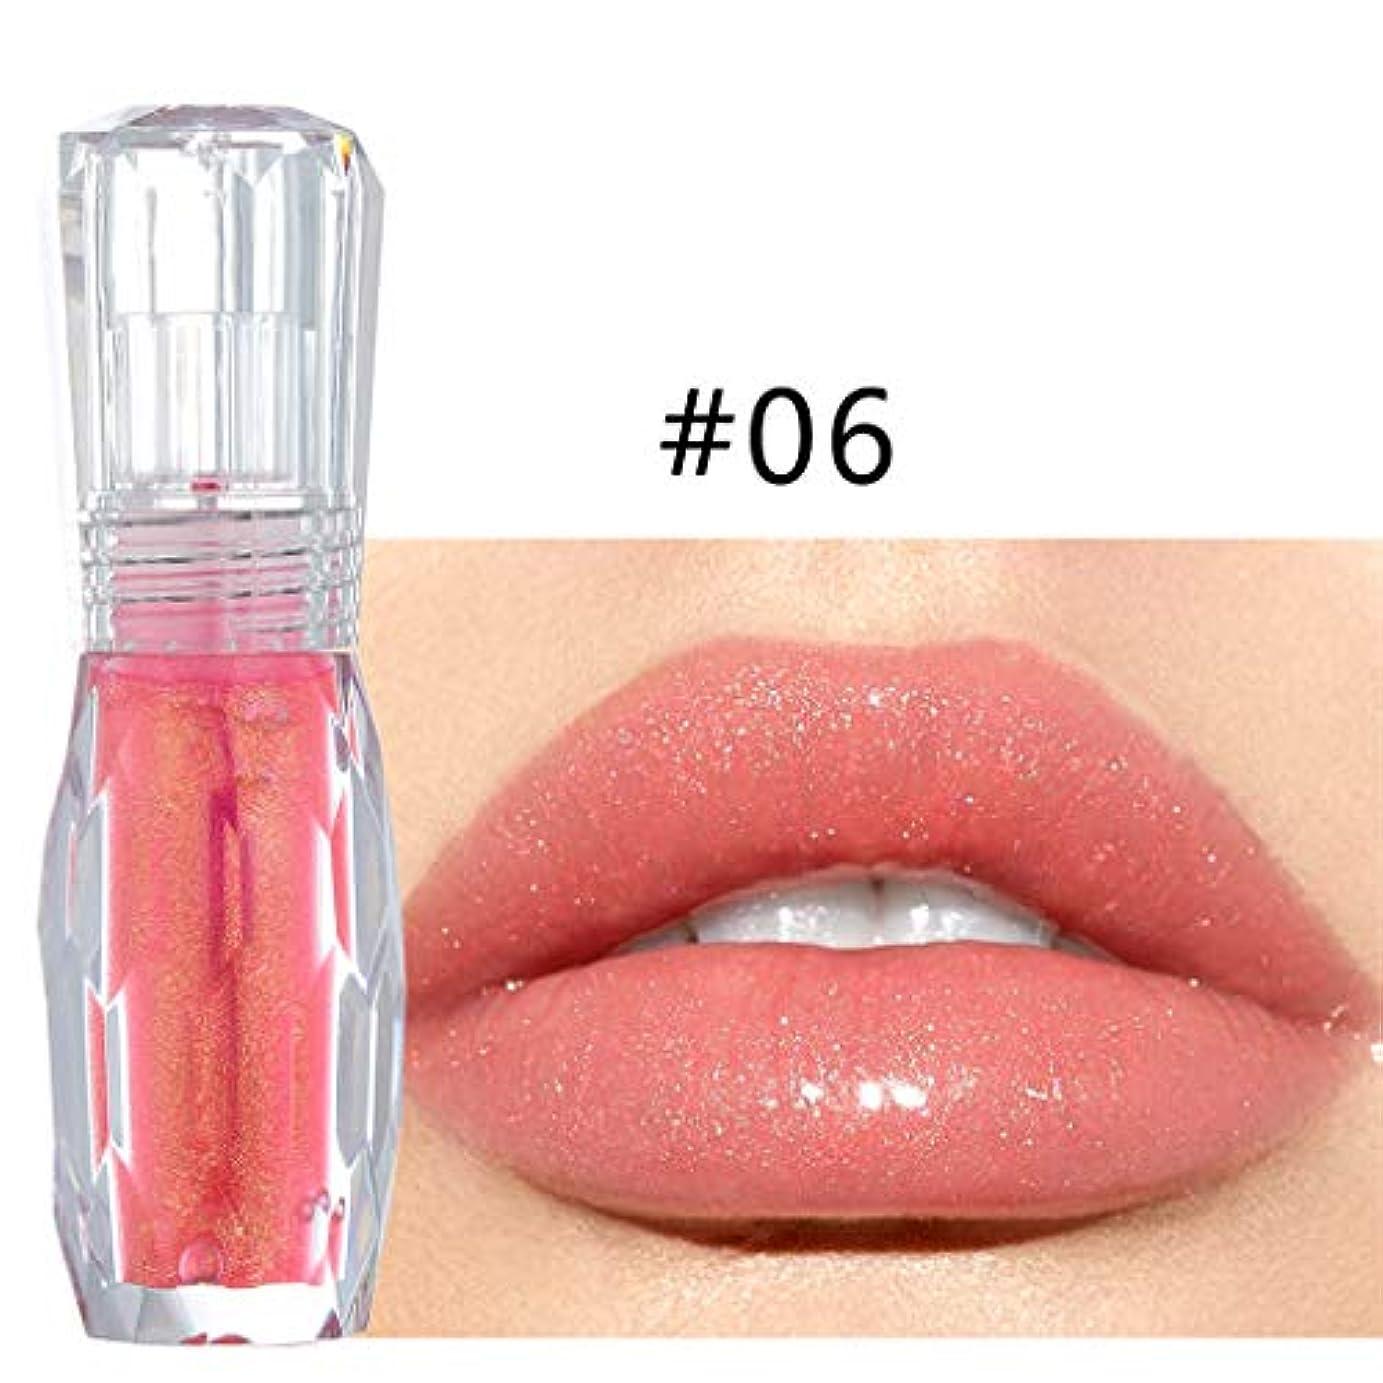 多分粒子第五ビューティー 口紅 Jopinica 6色ピンク系液体リップスティック 透明魅力液体リップグロス キラキラ落ちにくい口紅 安いメイクアップ ナチュラル美容化粧品 ハイライト プレイカラー うるおい 持ち運び便利 光沢 自然立体...